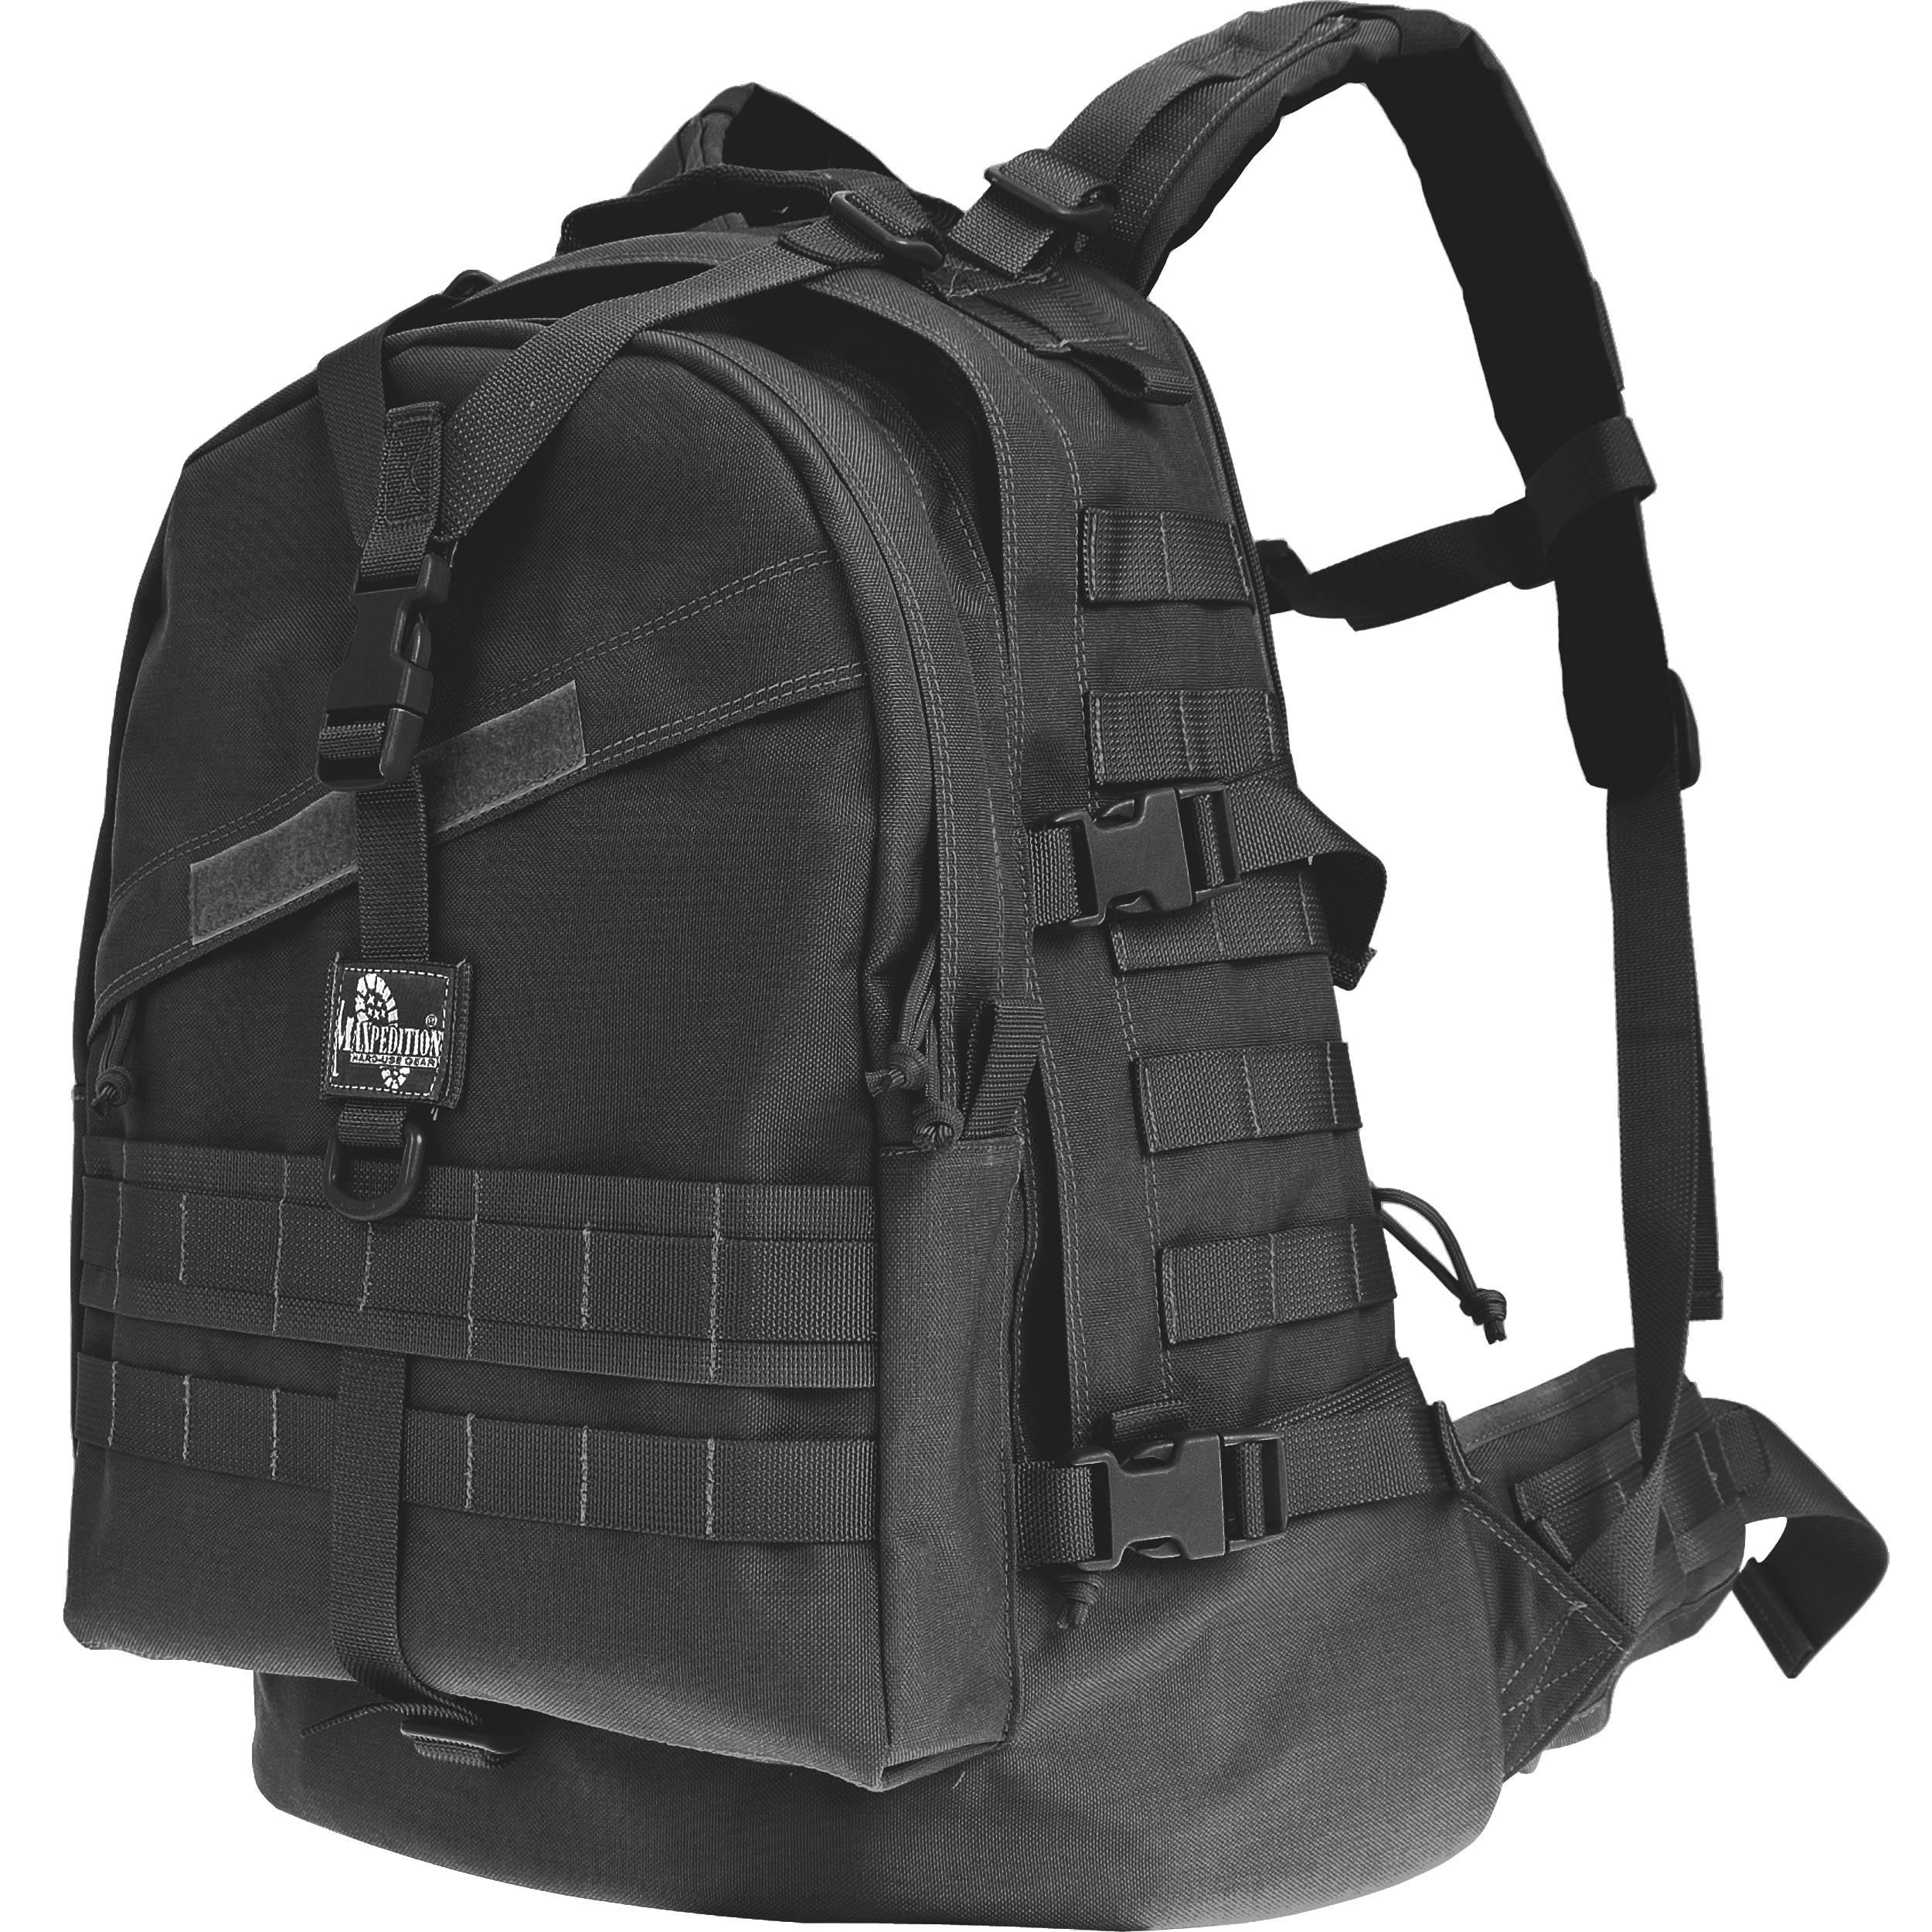 Vulture Ii 3 Day Backpack Mahg 0514b B H